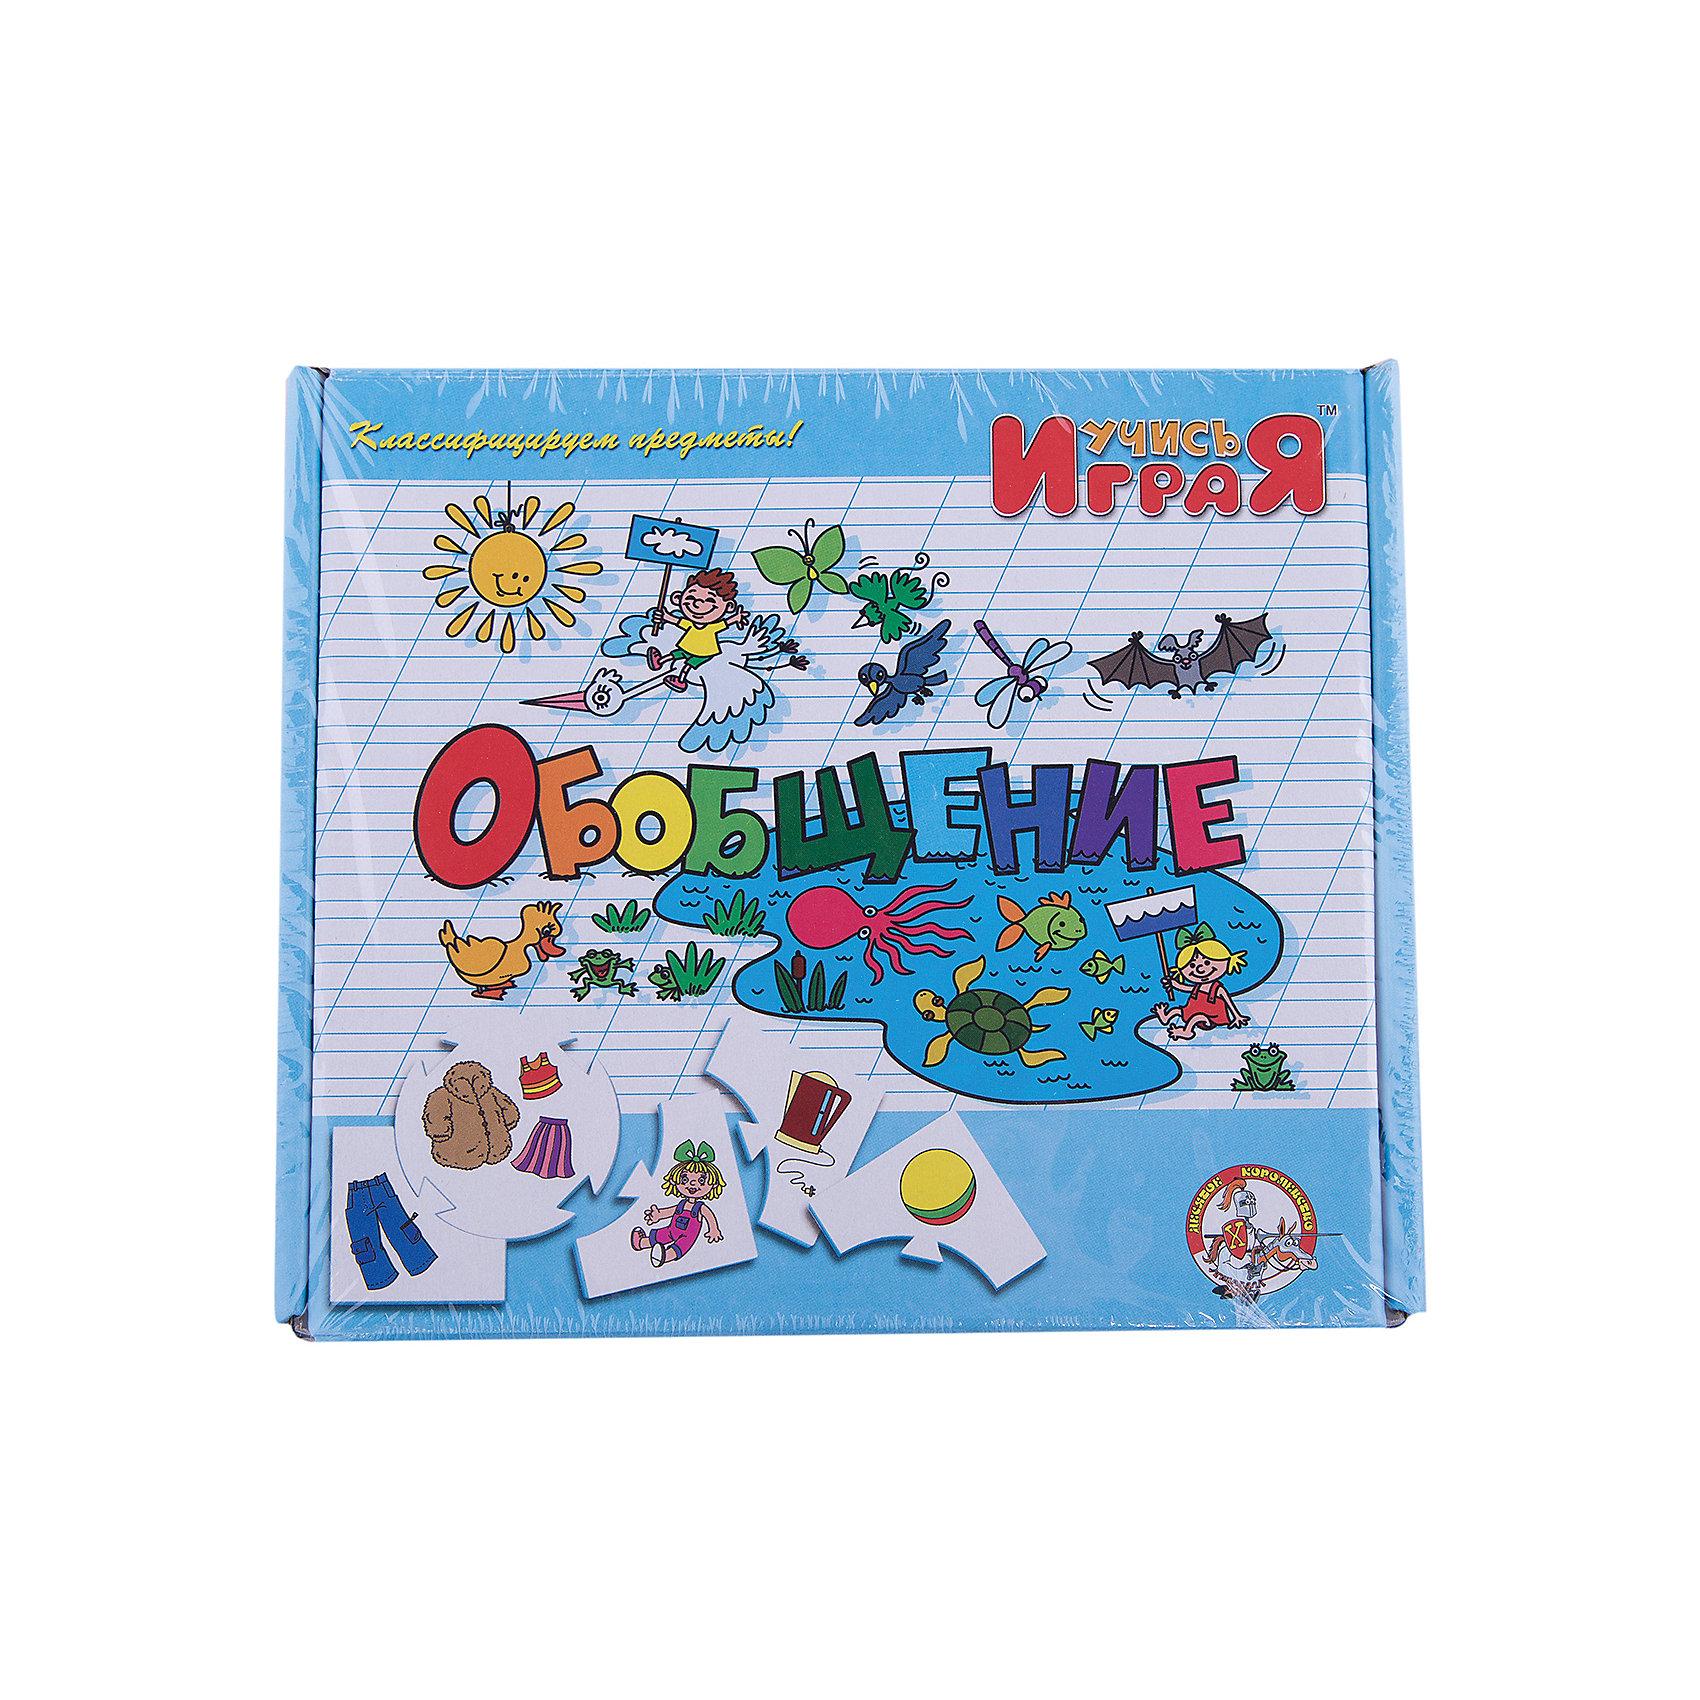 Игра обучающая  Обобщение, Десятое королевствоРазвивающие игры<br>Игра обучающая Обобщение, Десятое королевство<br><br>Характеристики:<br><br>• Возраст: от 3 лет<br>• Количество игроков: от 1 до 10<br>• В комплекте: 10 карточек заданий, 4 карточки с ответами<br><br>В этой увлекательной обучающей игре могут участвовать одновременно от 1 до 10 детей! В наборе содержатся 10 карточек-заданий, на которых изображены рисунки по теме обобщений. К каждой необходимо найти 4 карточки-ответа, чтобы дополнить их содержание. В процессе игры дети узнают, что такое обобщение, работают над мелкой моторикой и расширяют свои знания и представления об окружающем мире.<br><br>Игра обучающая Обобщение, Десятое королевство можно купить в нашем интернет-магазине.<br><br>Ширина мм: 230<br>Глубина мм: 200<br>Высота мм: 35<br>Вес г: 230<br>Возраст от месяцев: 84<br>Возраст до месяцев: 2147483647<br>Пол: Унисекс<br>Возраст: Детский<br>SKU: 5471678